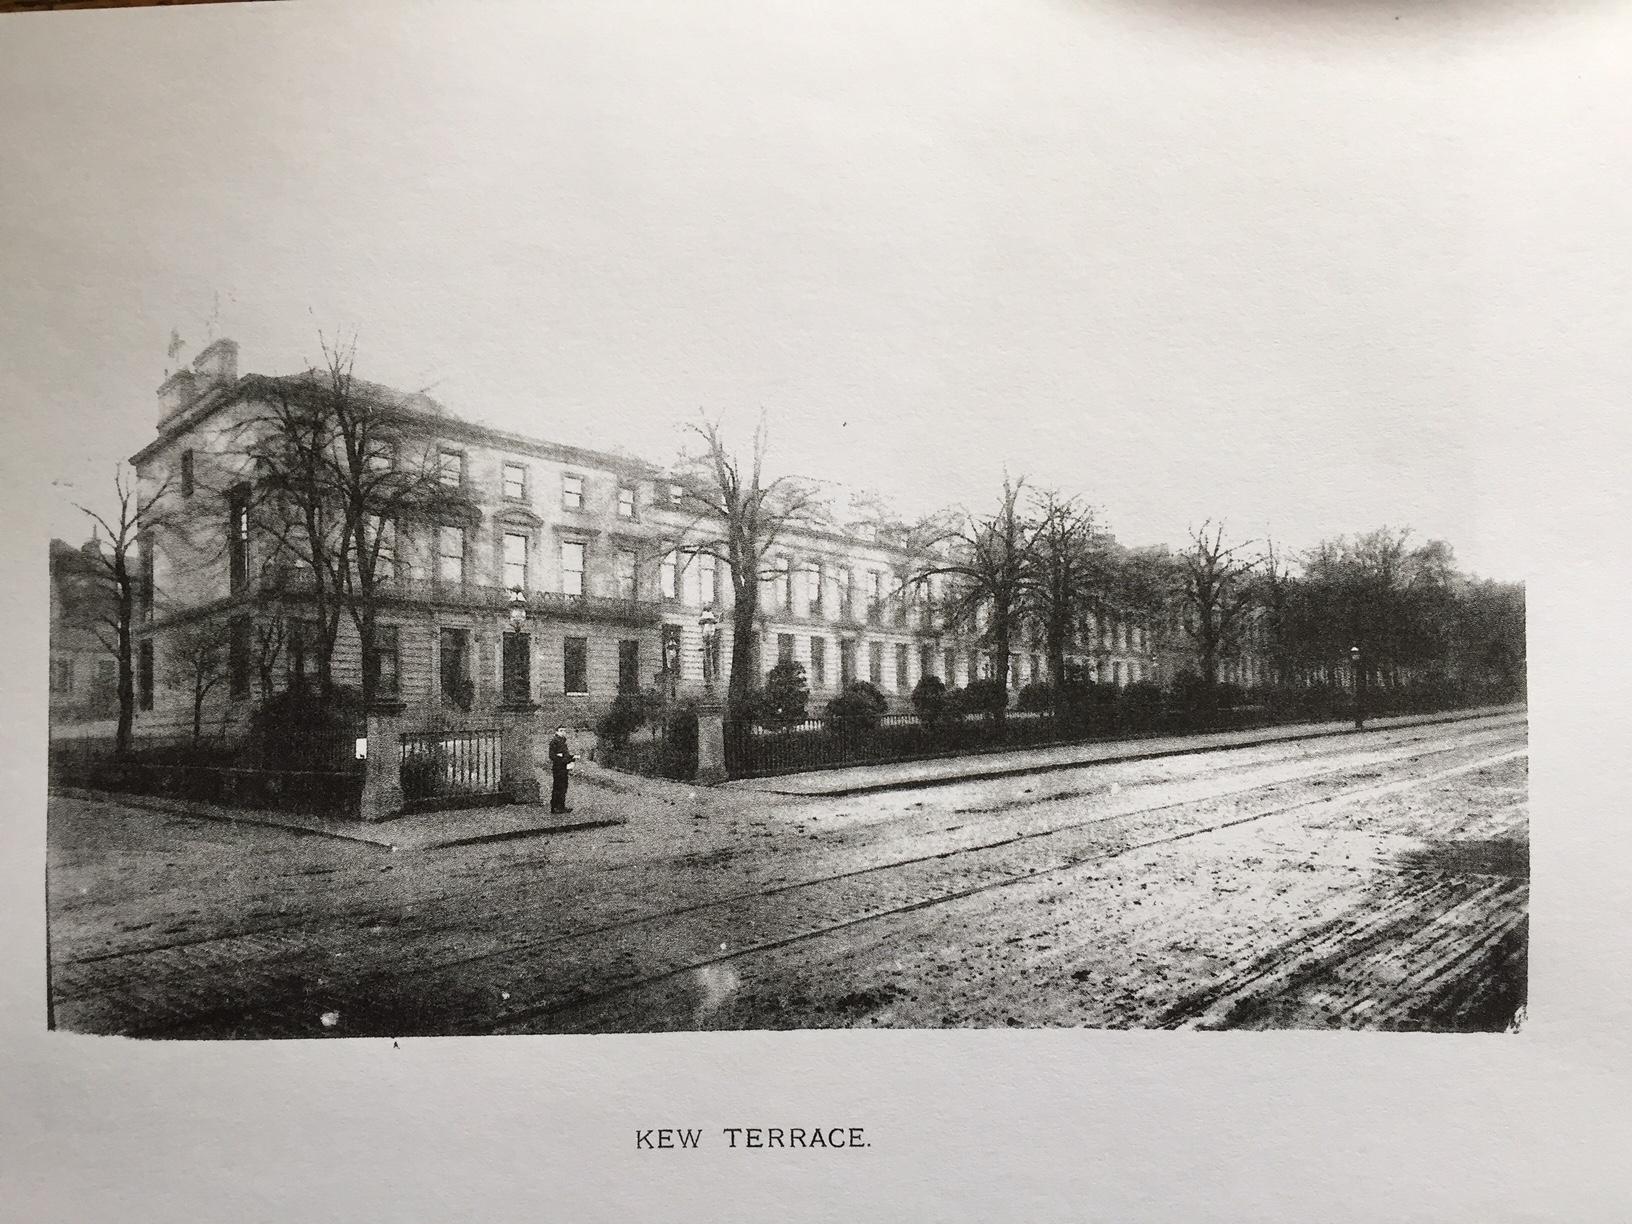 Old Kew